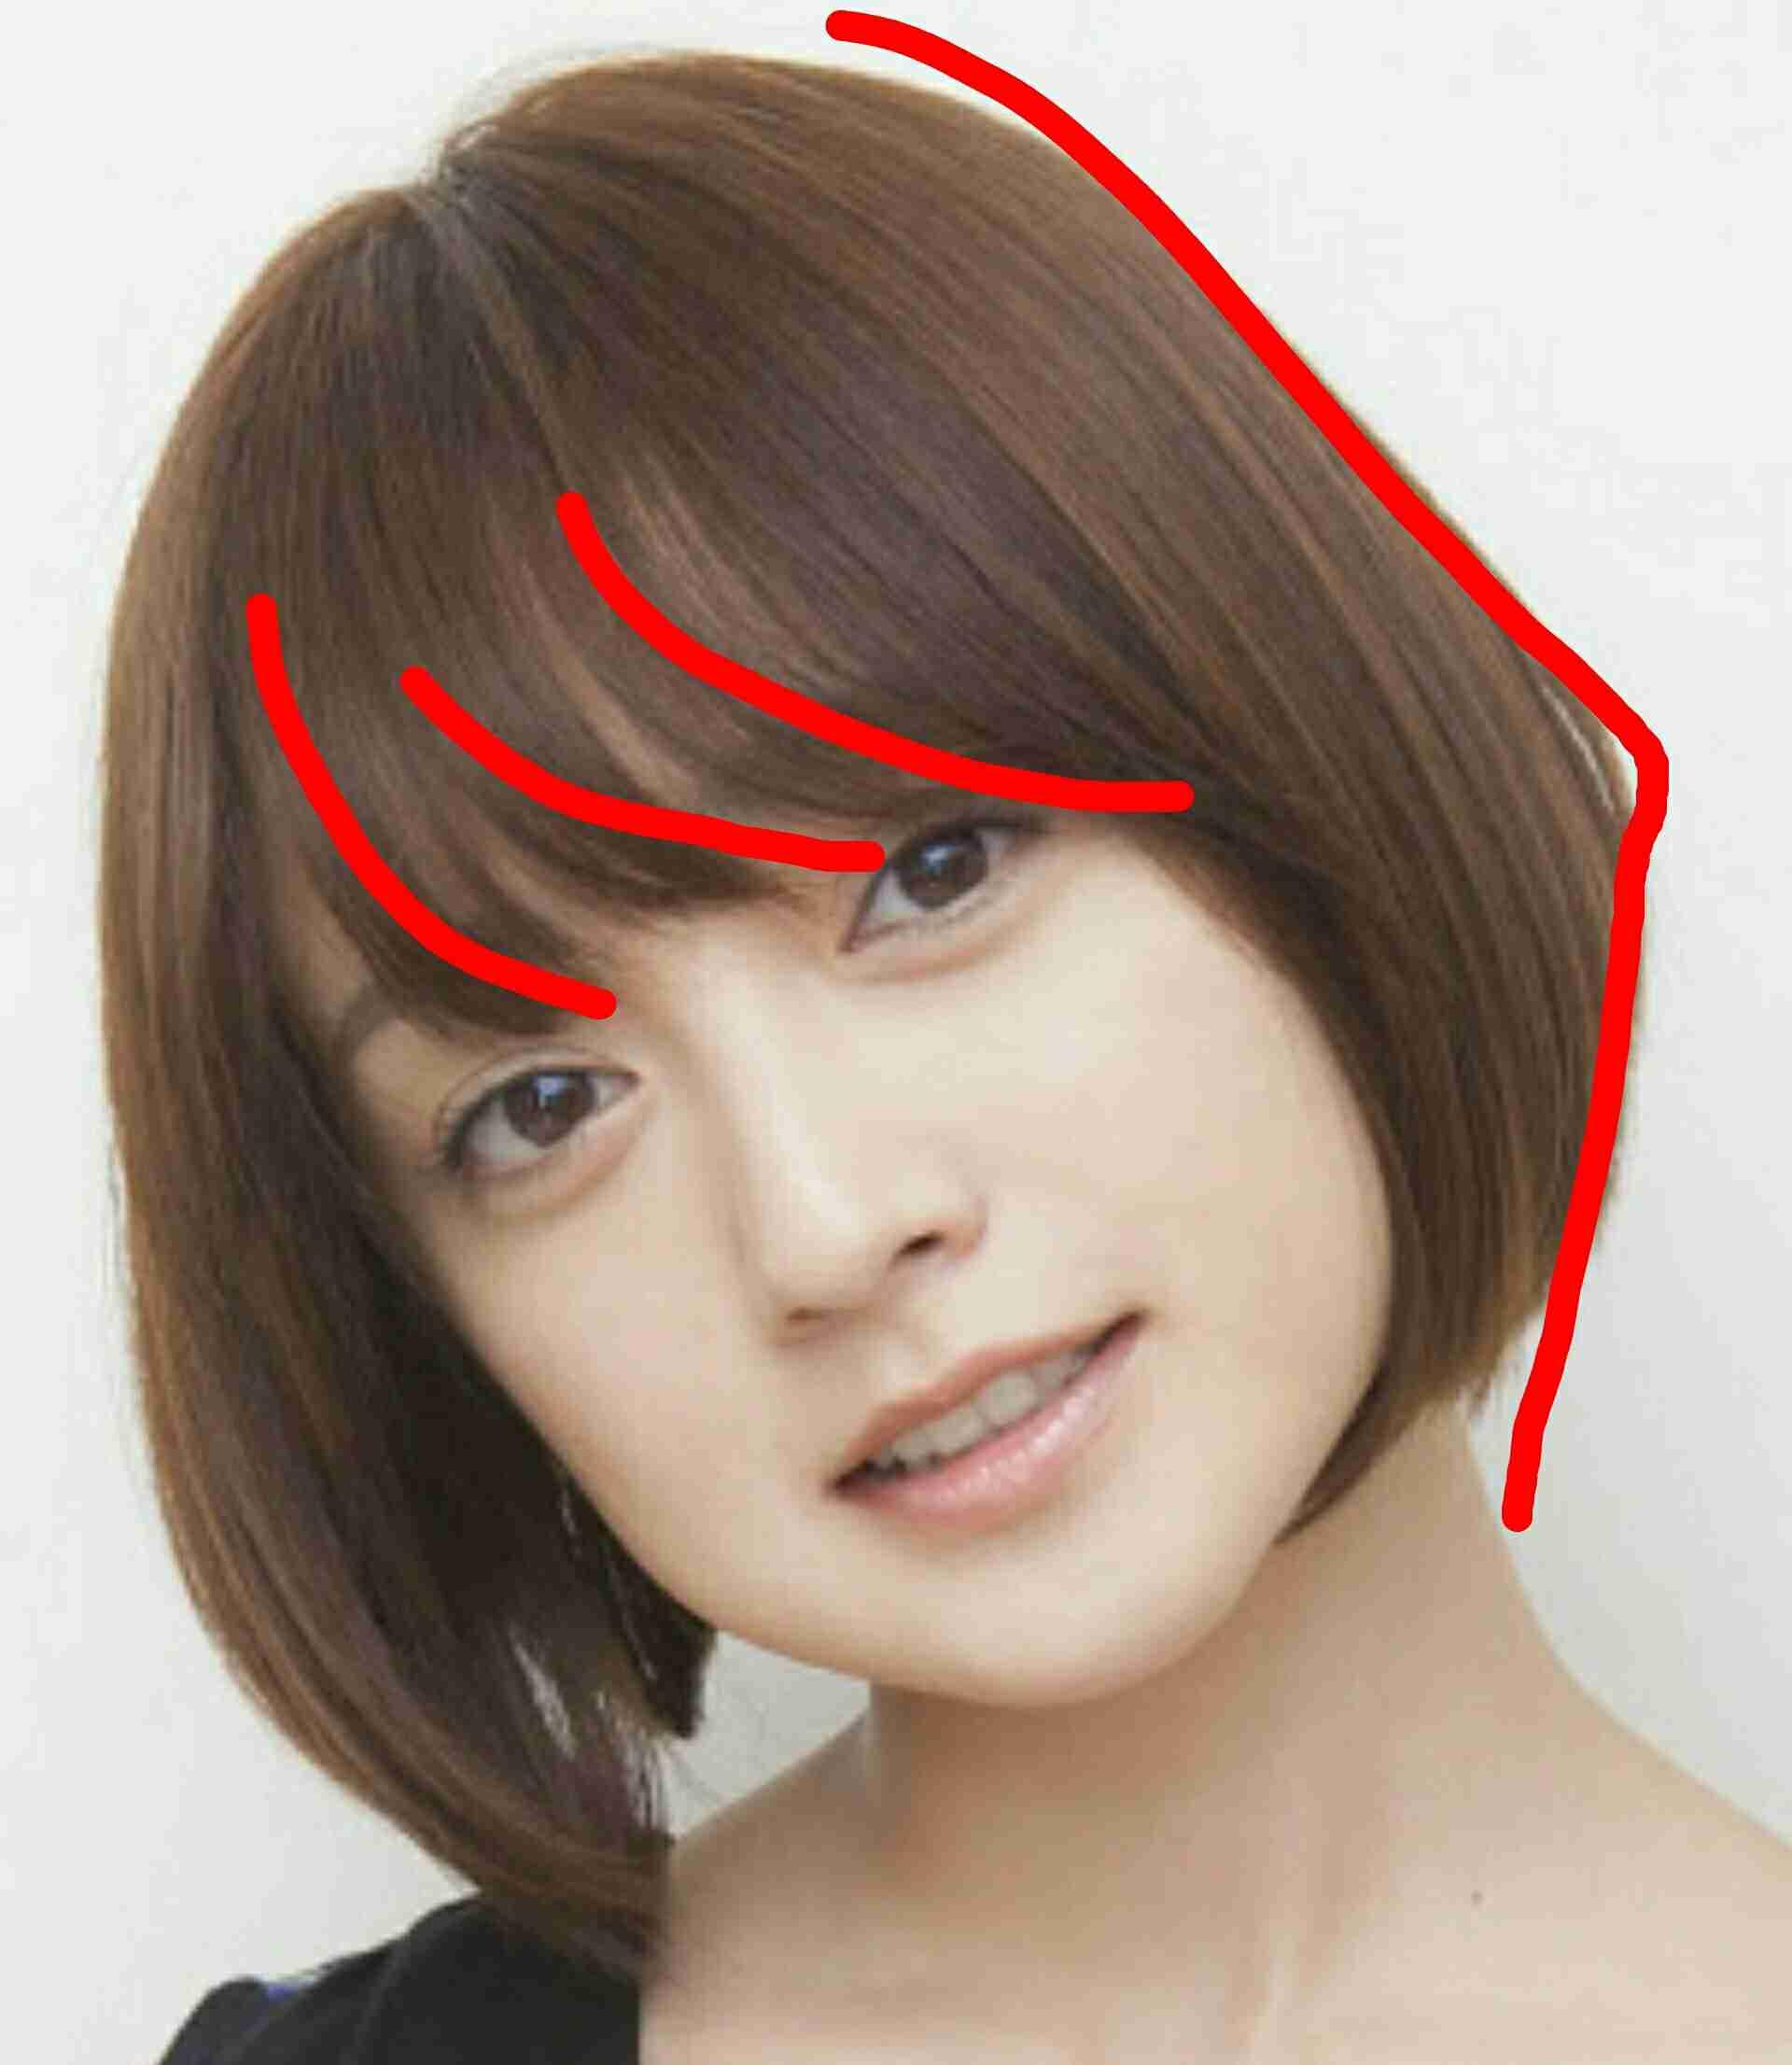 ベース 顔 前髪 小顔効果が狙える前髪はどれ?丸顔・面長・ベース型のお悩み別《前髪ヘ...